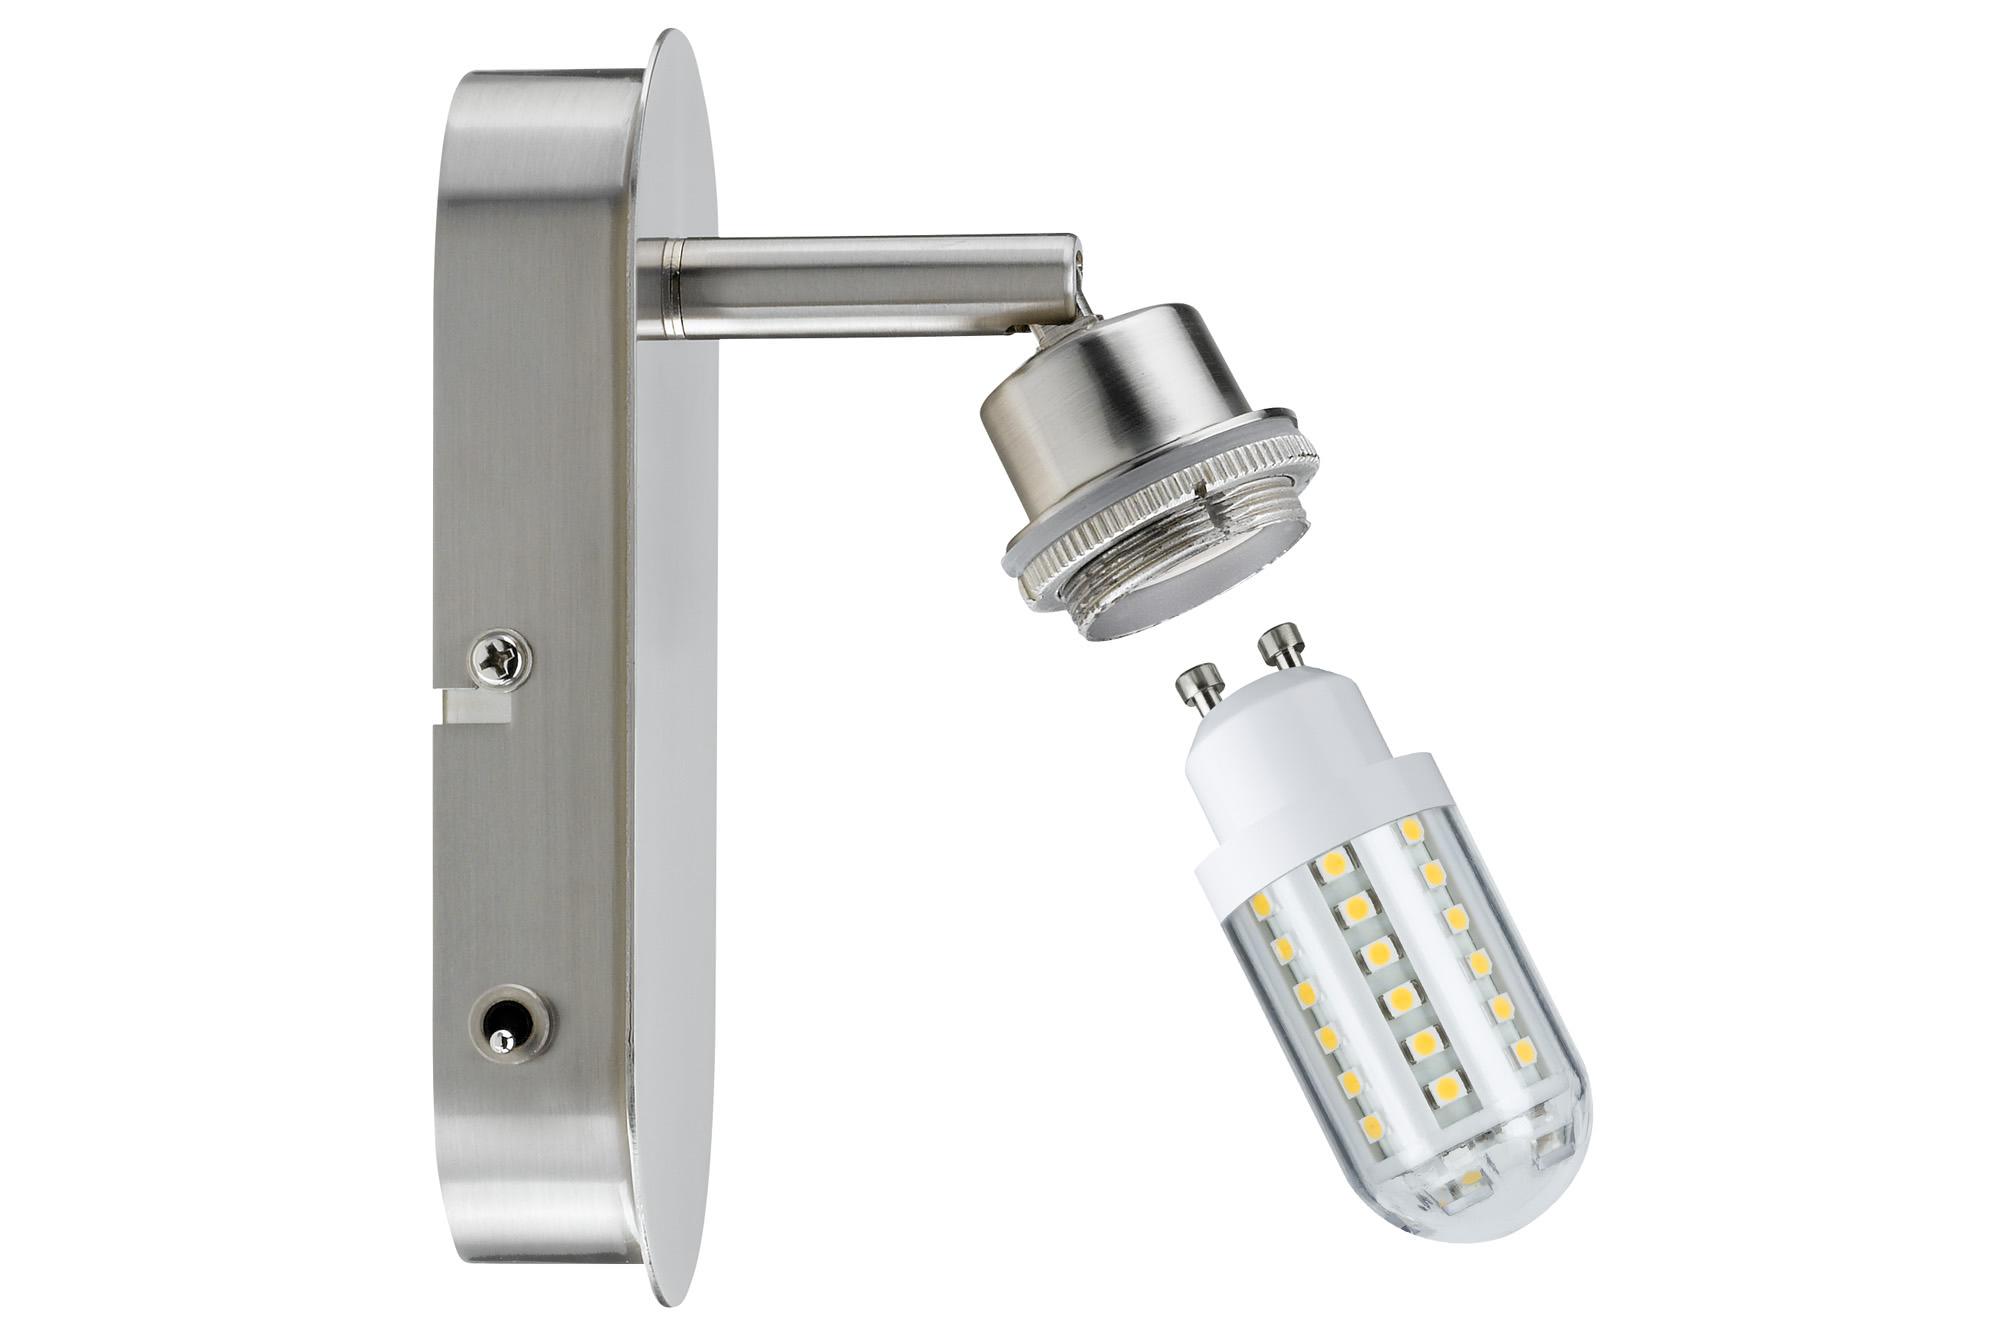 Paulmann. 60310 SL Deco LED Balken 1x3W GZ10 Eis-g